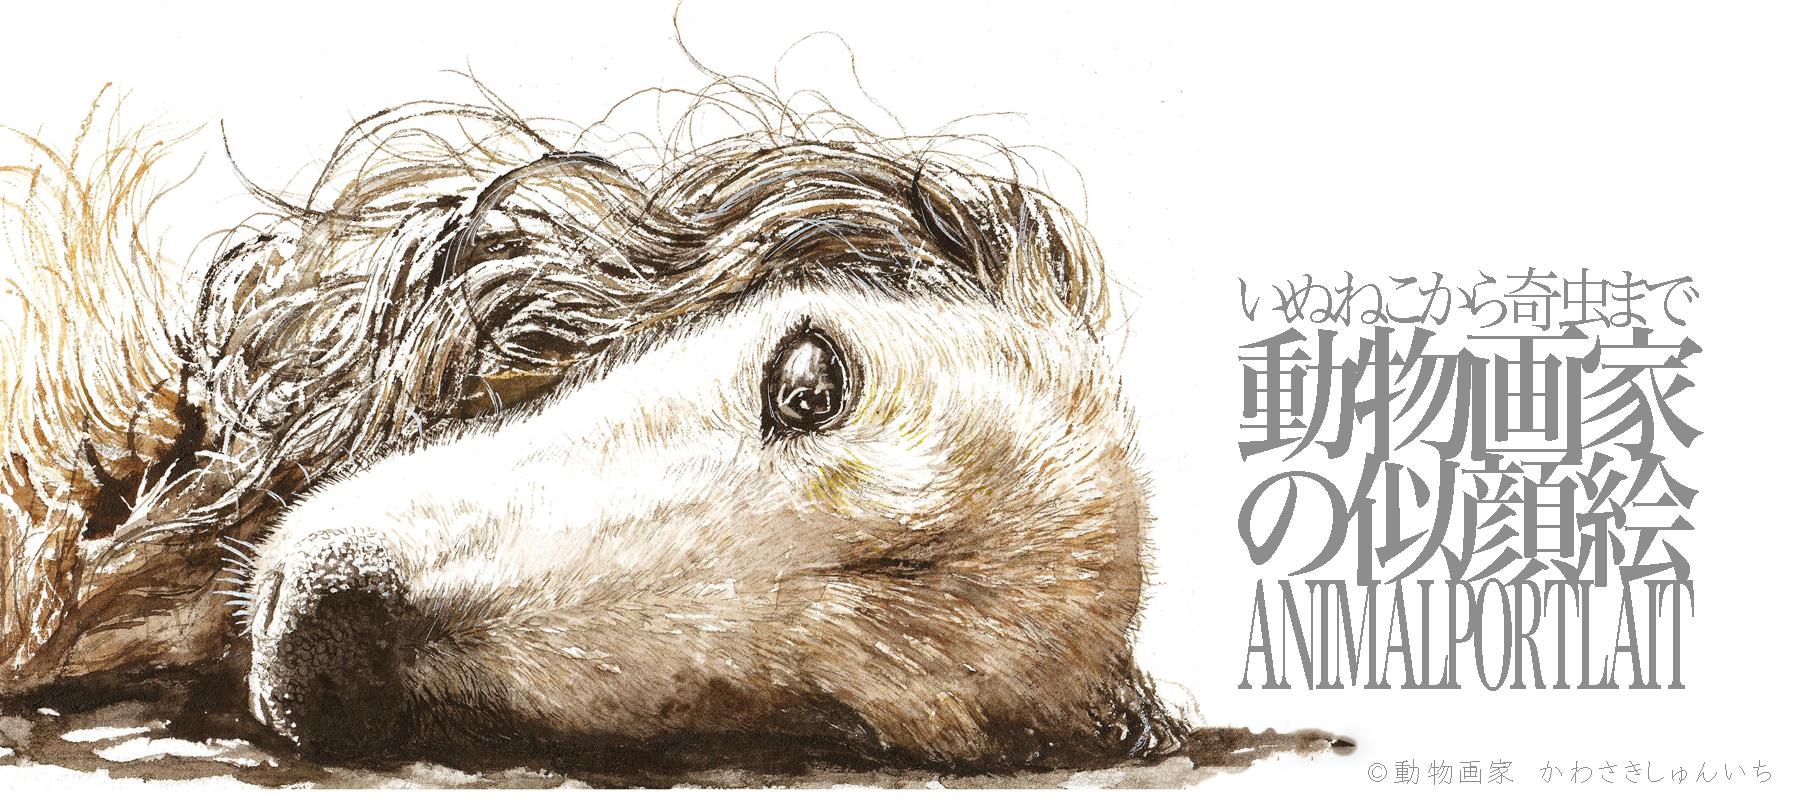 動物画家の似顔絵